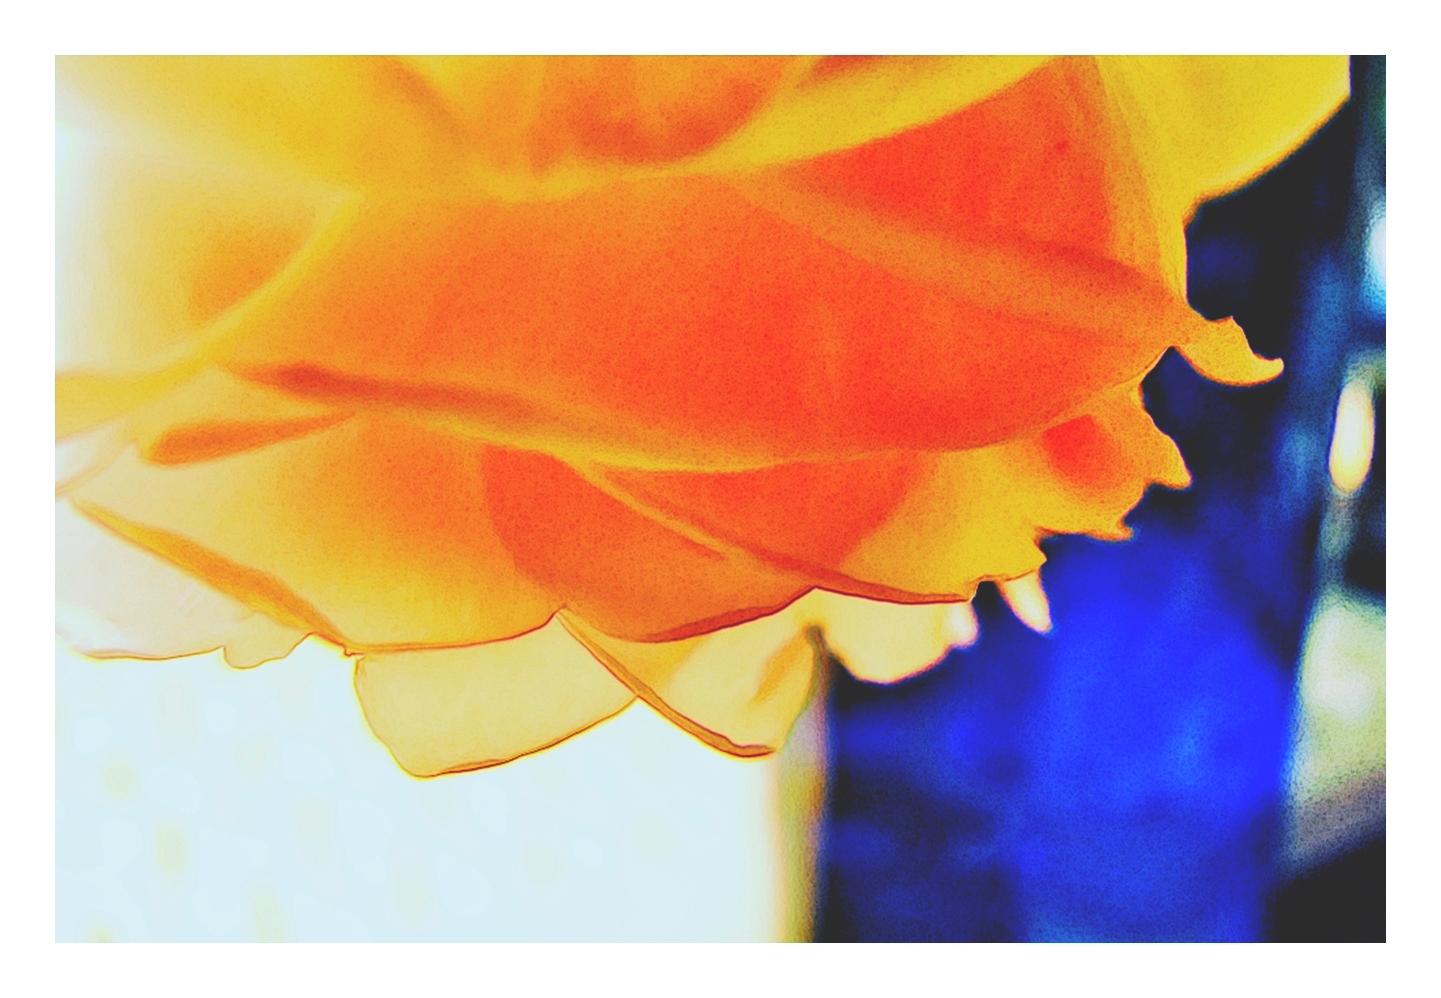 mal eine kleine Rose